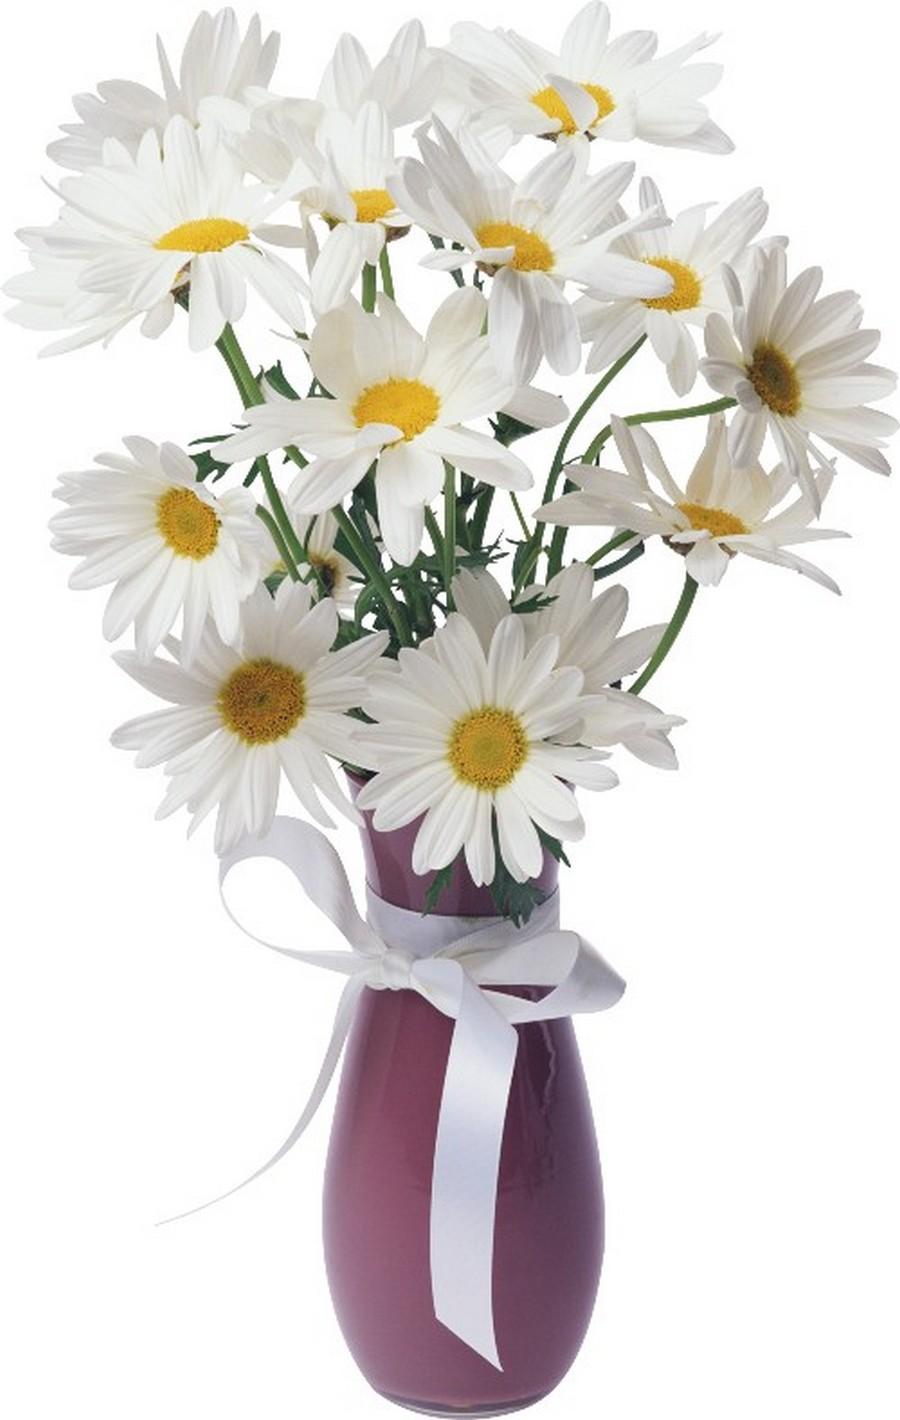 Стеклянная ваза - изысканное украшение к празднику  39